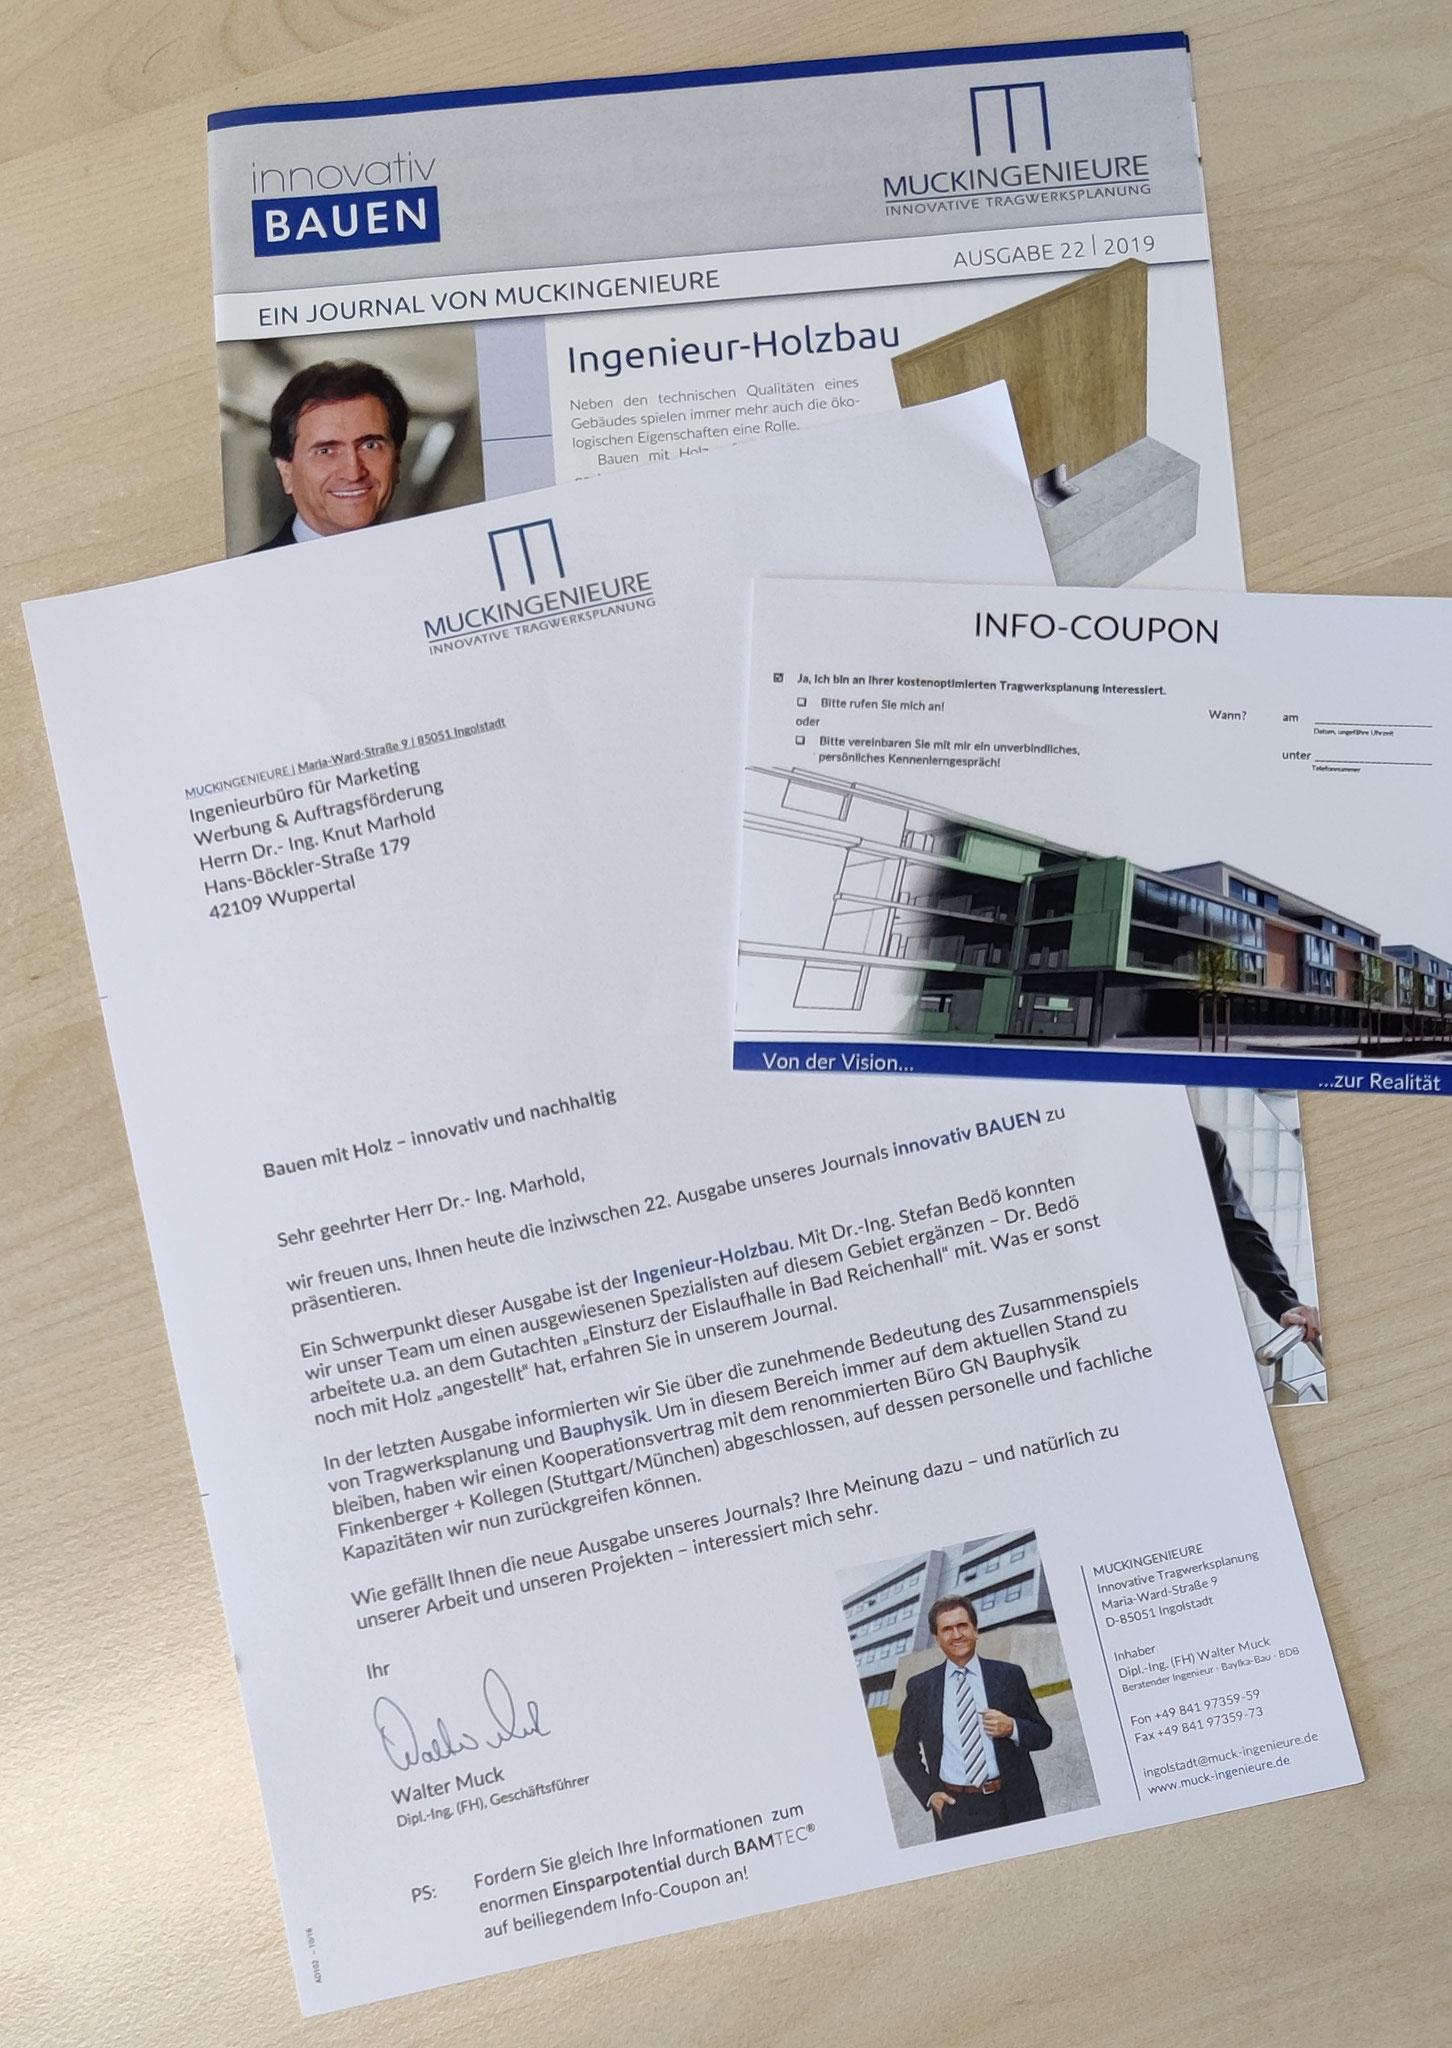 Neujahrsbrief MUCKINGENIEURE mit Kundenzeitung und Antwortkarte (Idee/Text/Layout: marketingINGenieur)